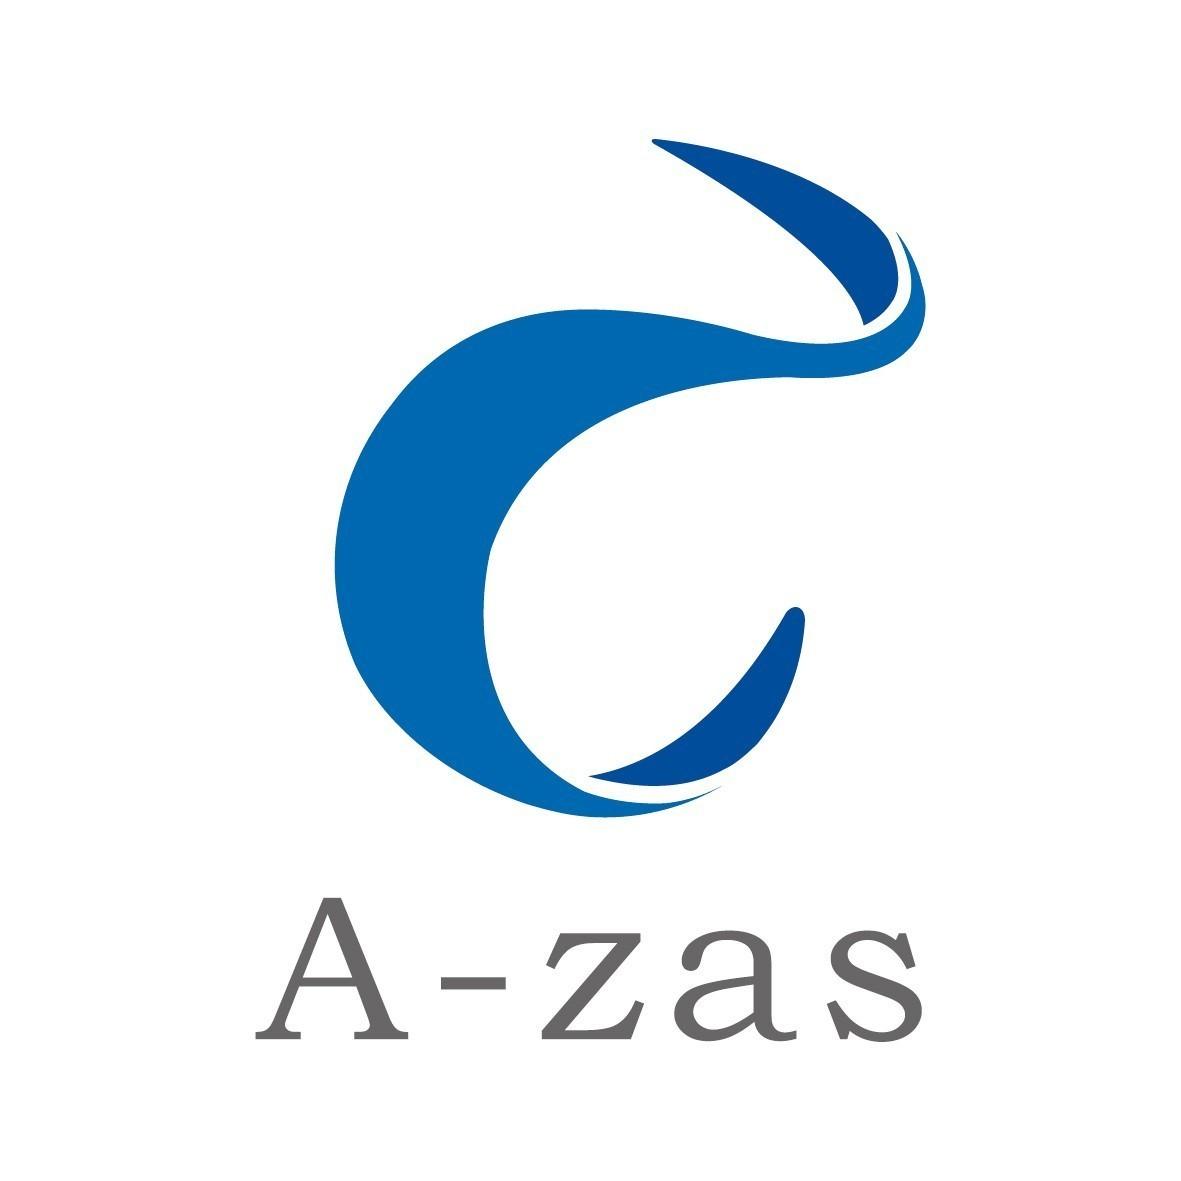 製薬業界におけるAIを活用した業界唯一のデータサービスで営業生産性の改革に貢献【データ解析に興味のあるAIエンジニア募集!】